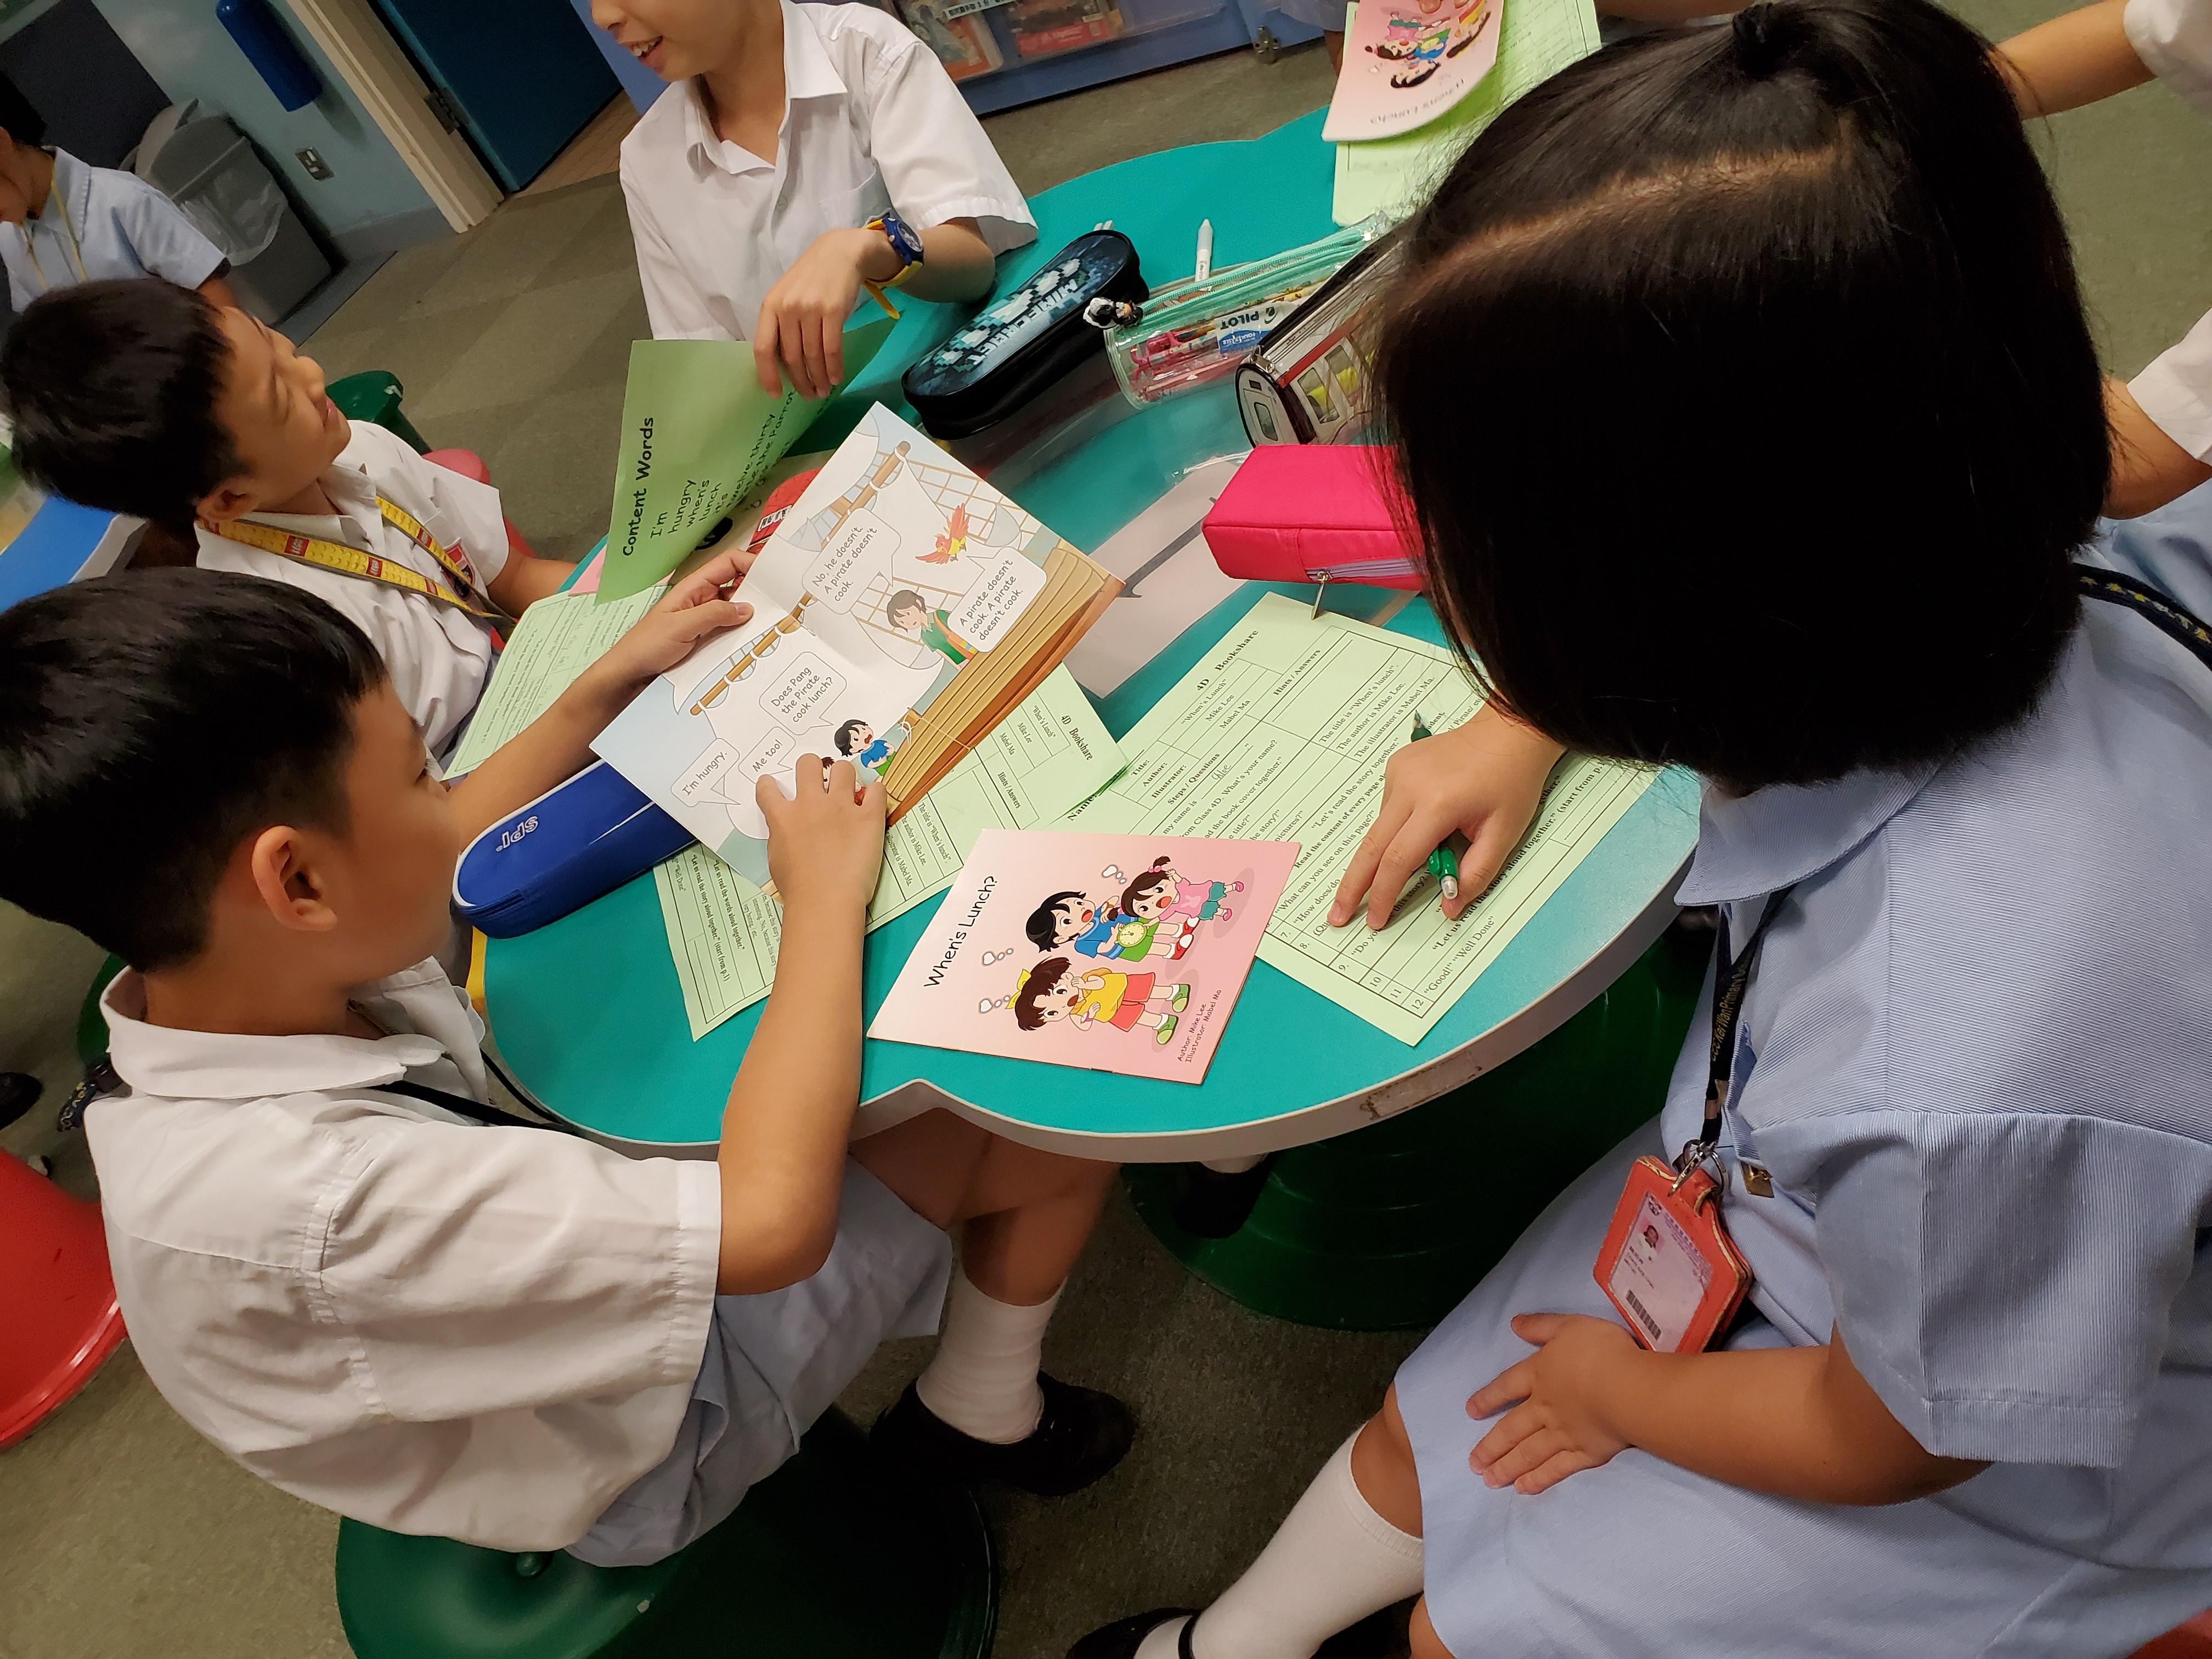 http://www.keiwan.edu.hk/sites/default/files/20191008_101716.jpg